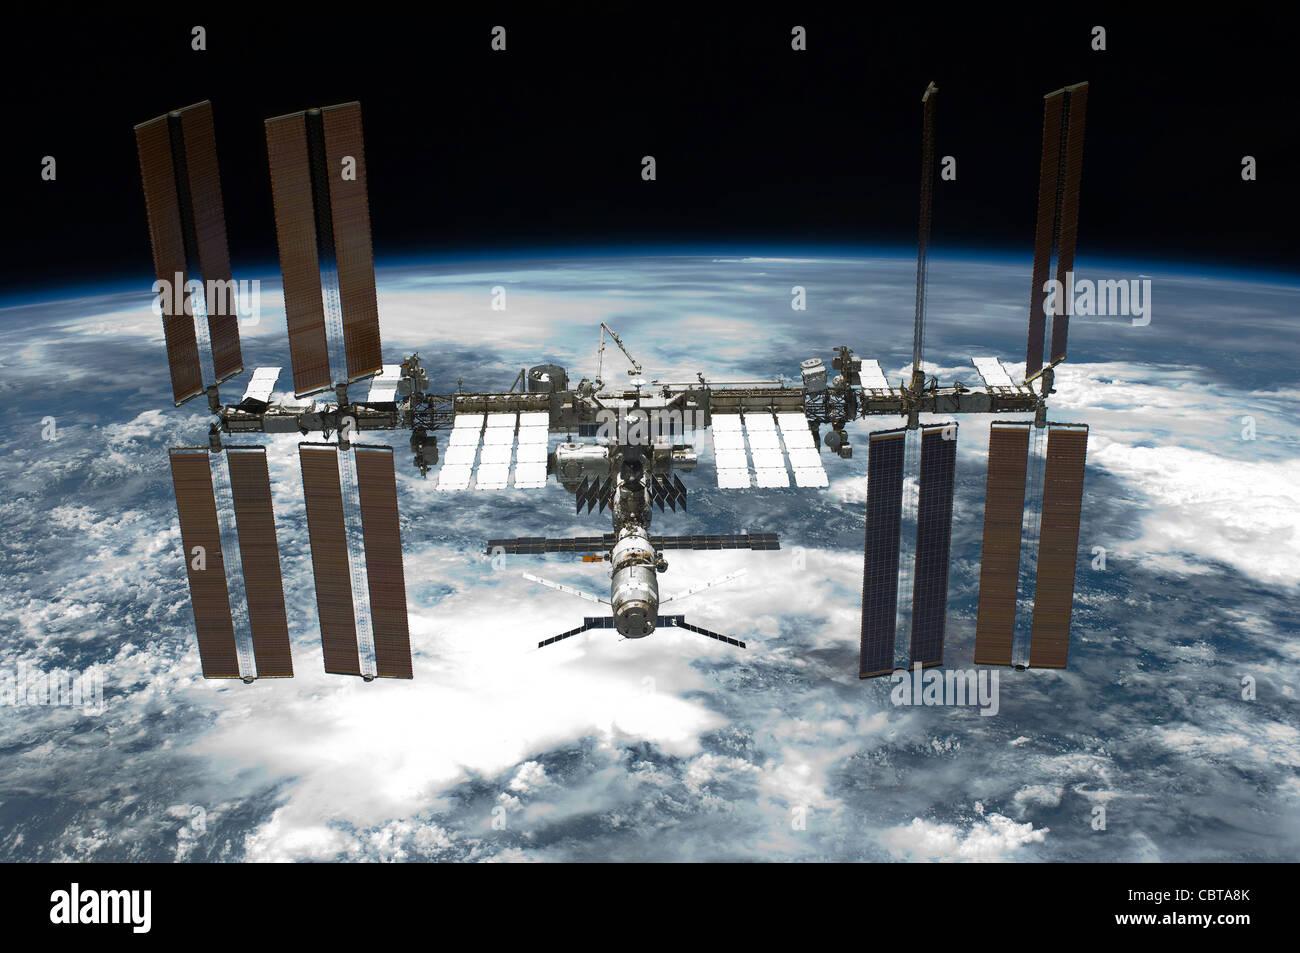 La Station spatiale internationale La Navette spatiale Endeavour 134 photographiée à partir de mai 2011 Photo Stock